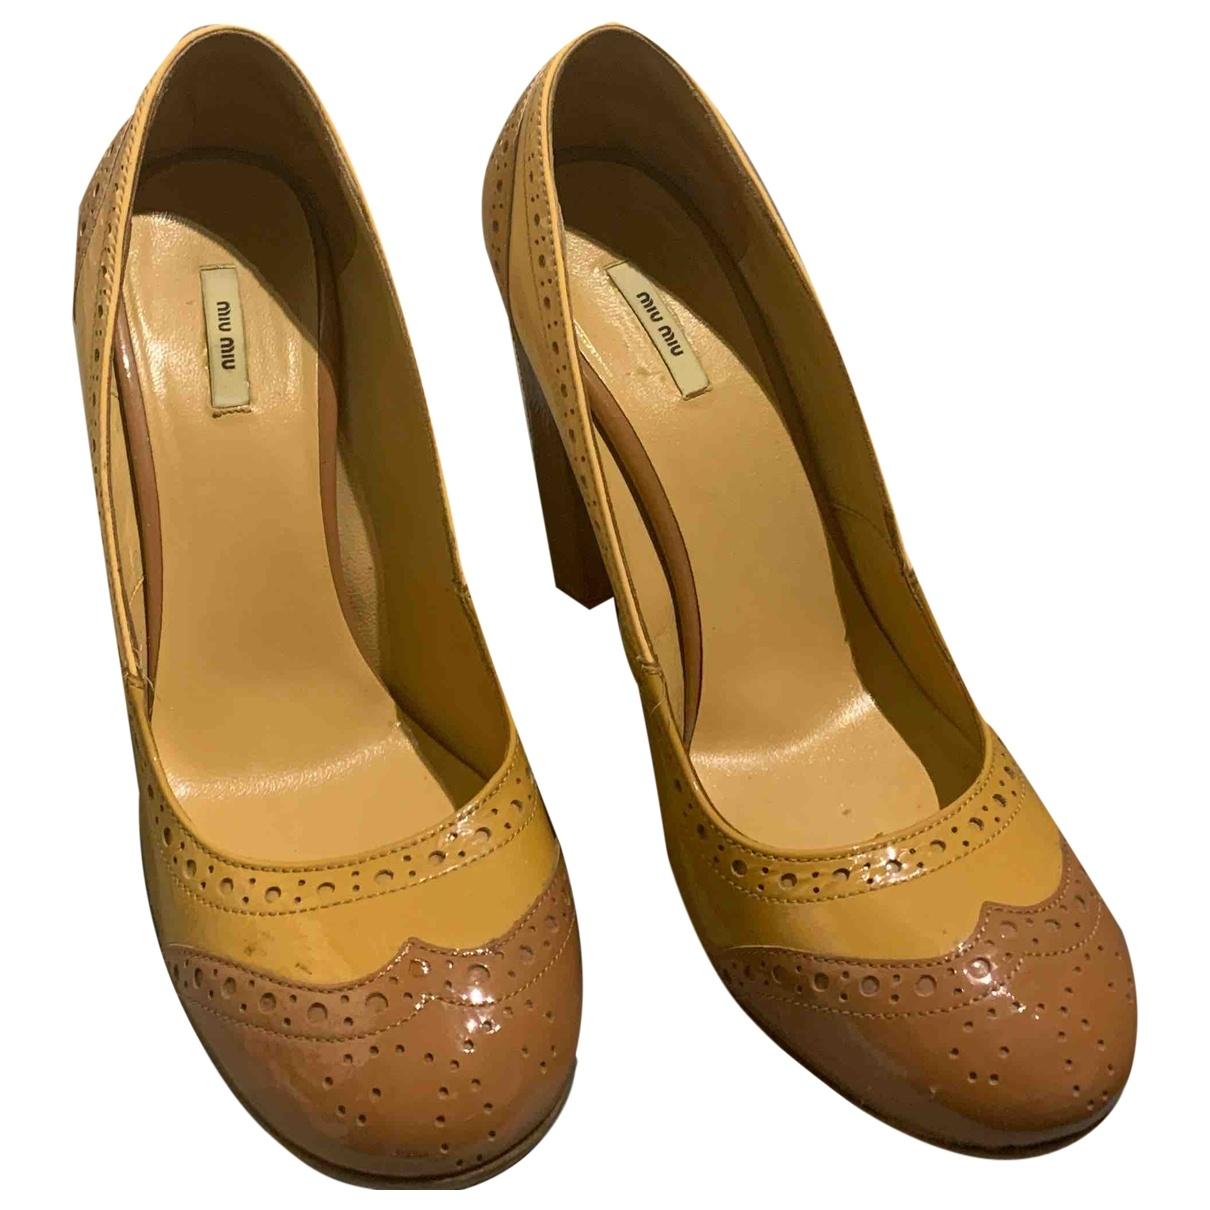 Miu Miu \N Beige Patent leather Heels for Women 37 EU